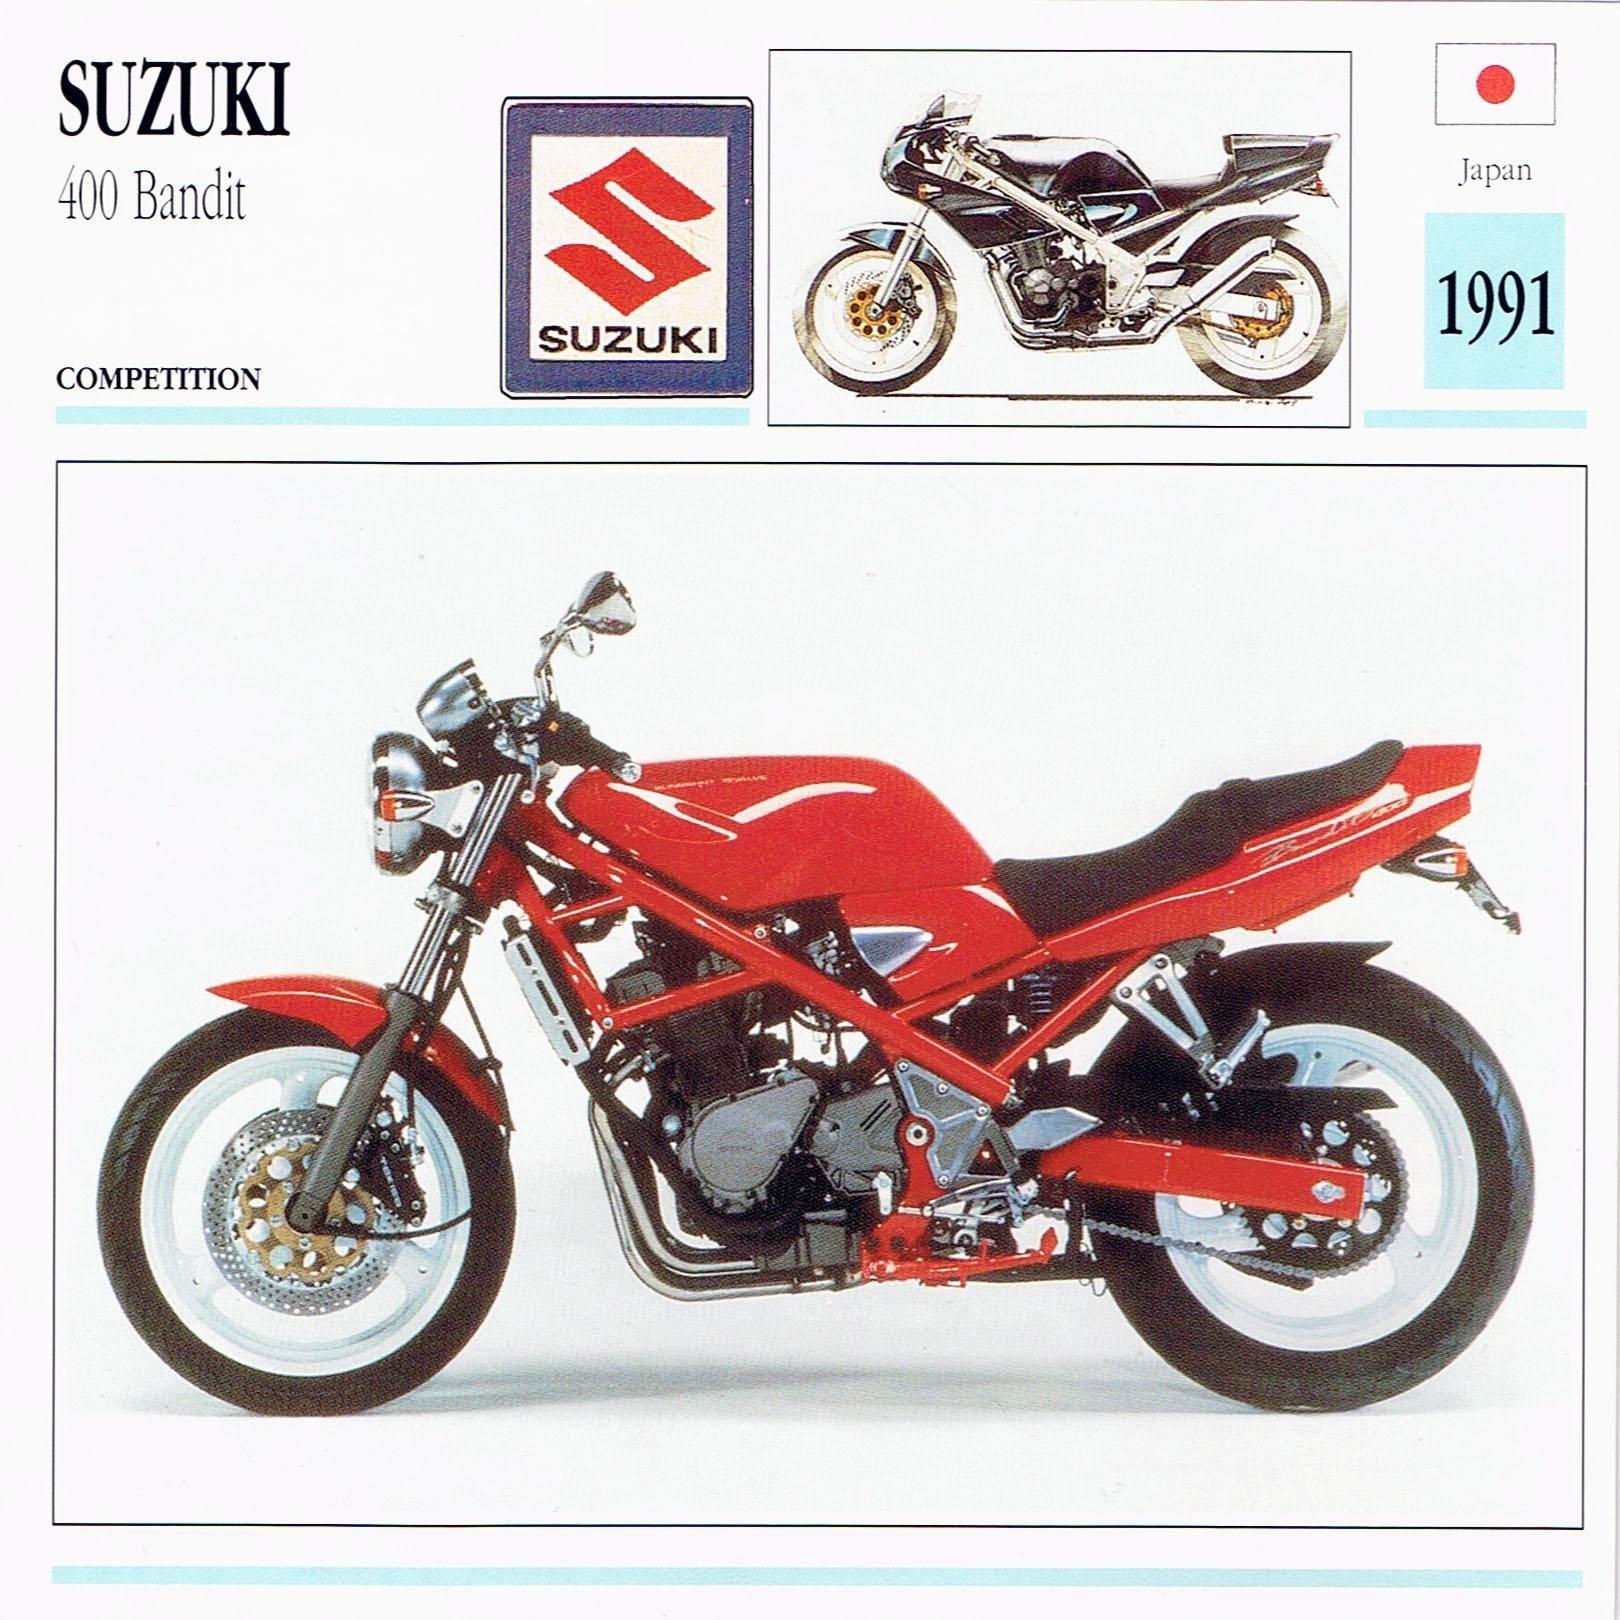 1991 Suzuki 400 Bandit